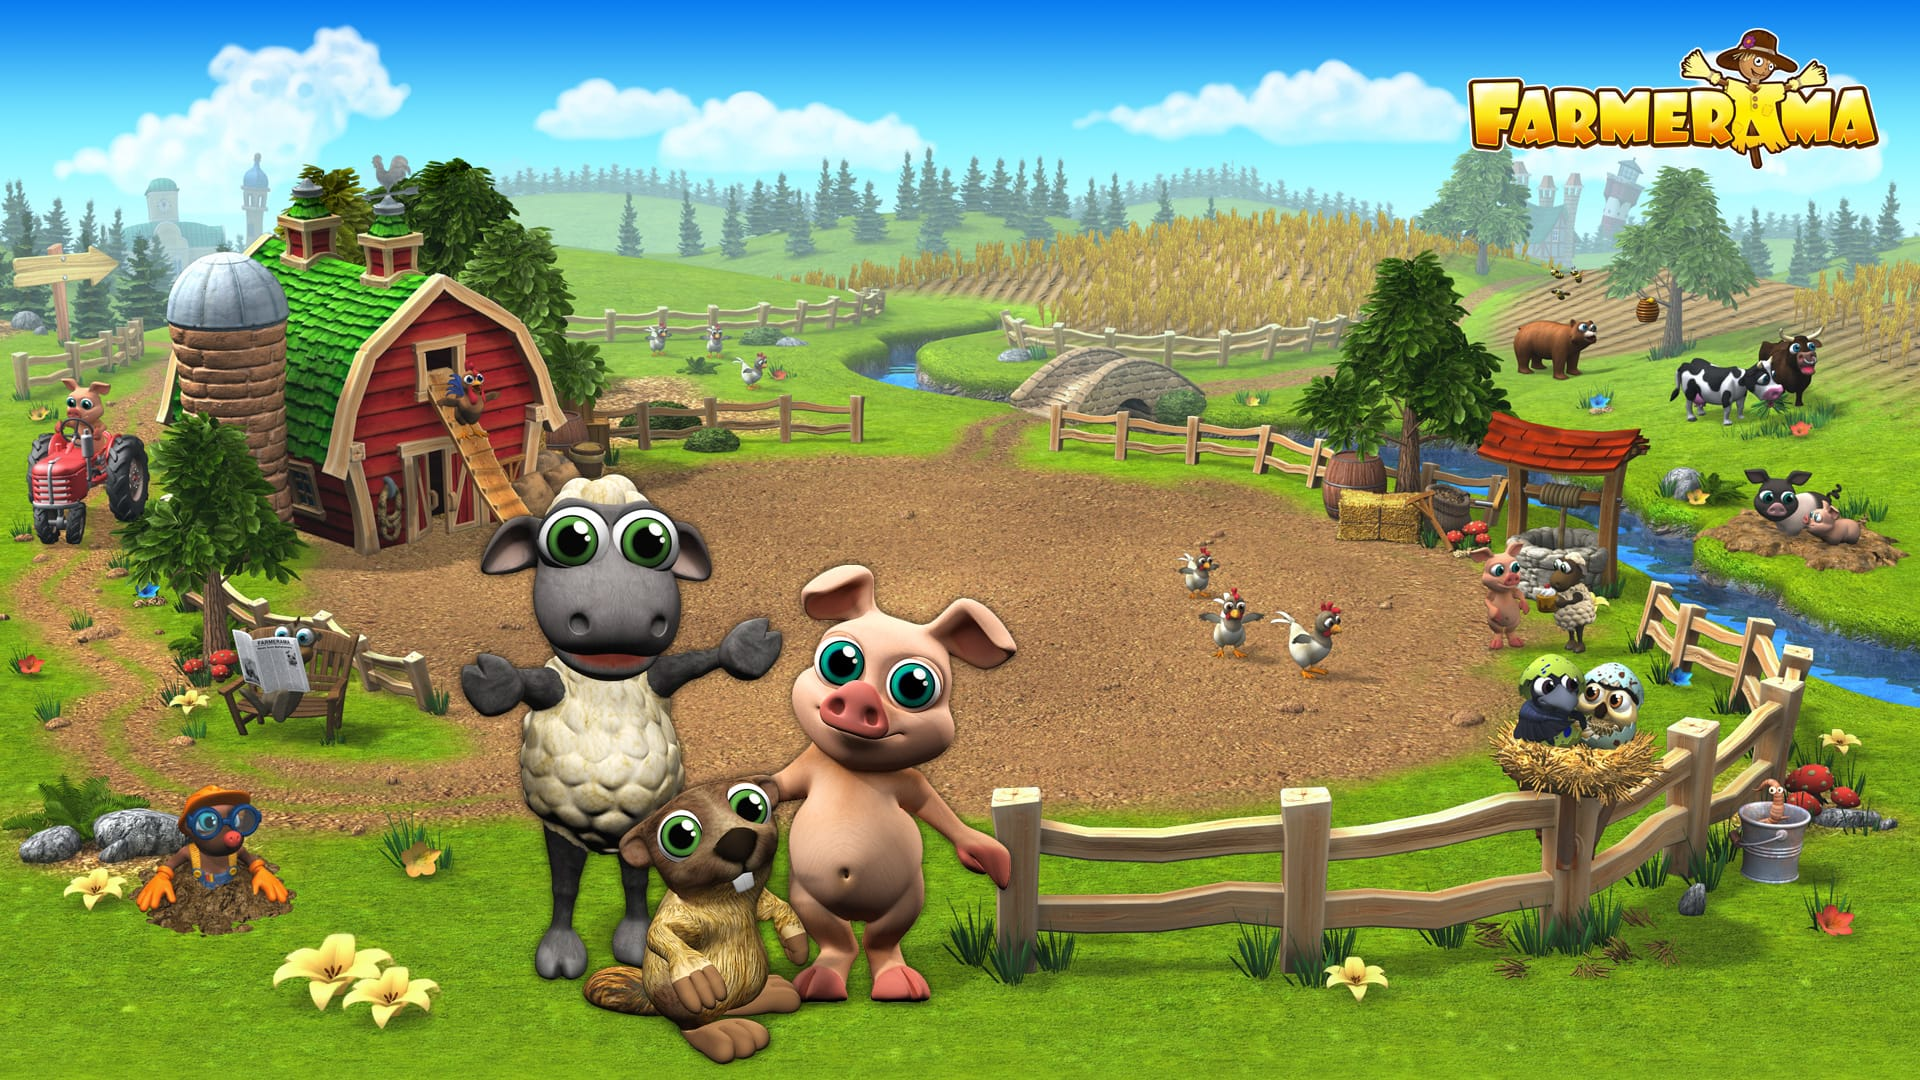 комнатный картинки животных с игры моя ферма перспективно